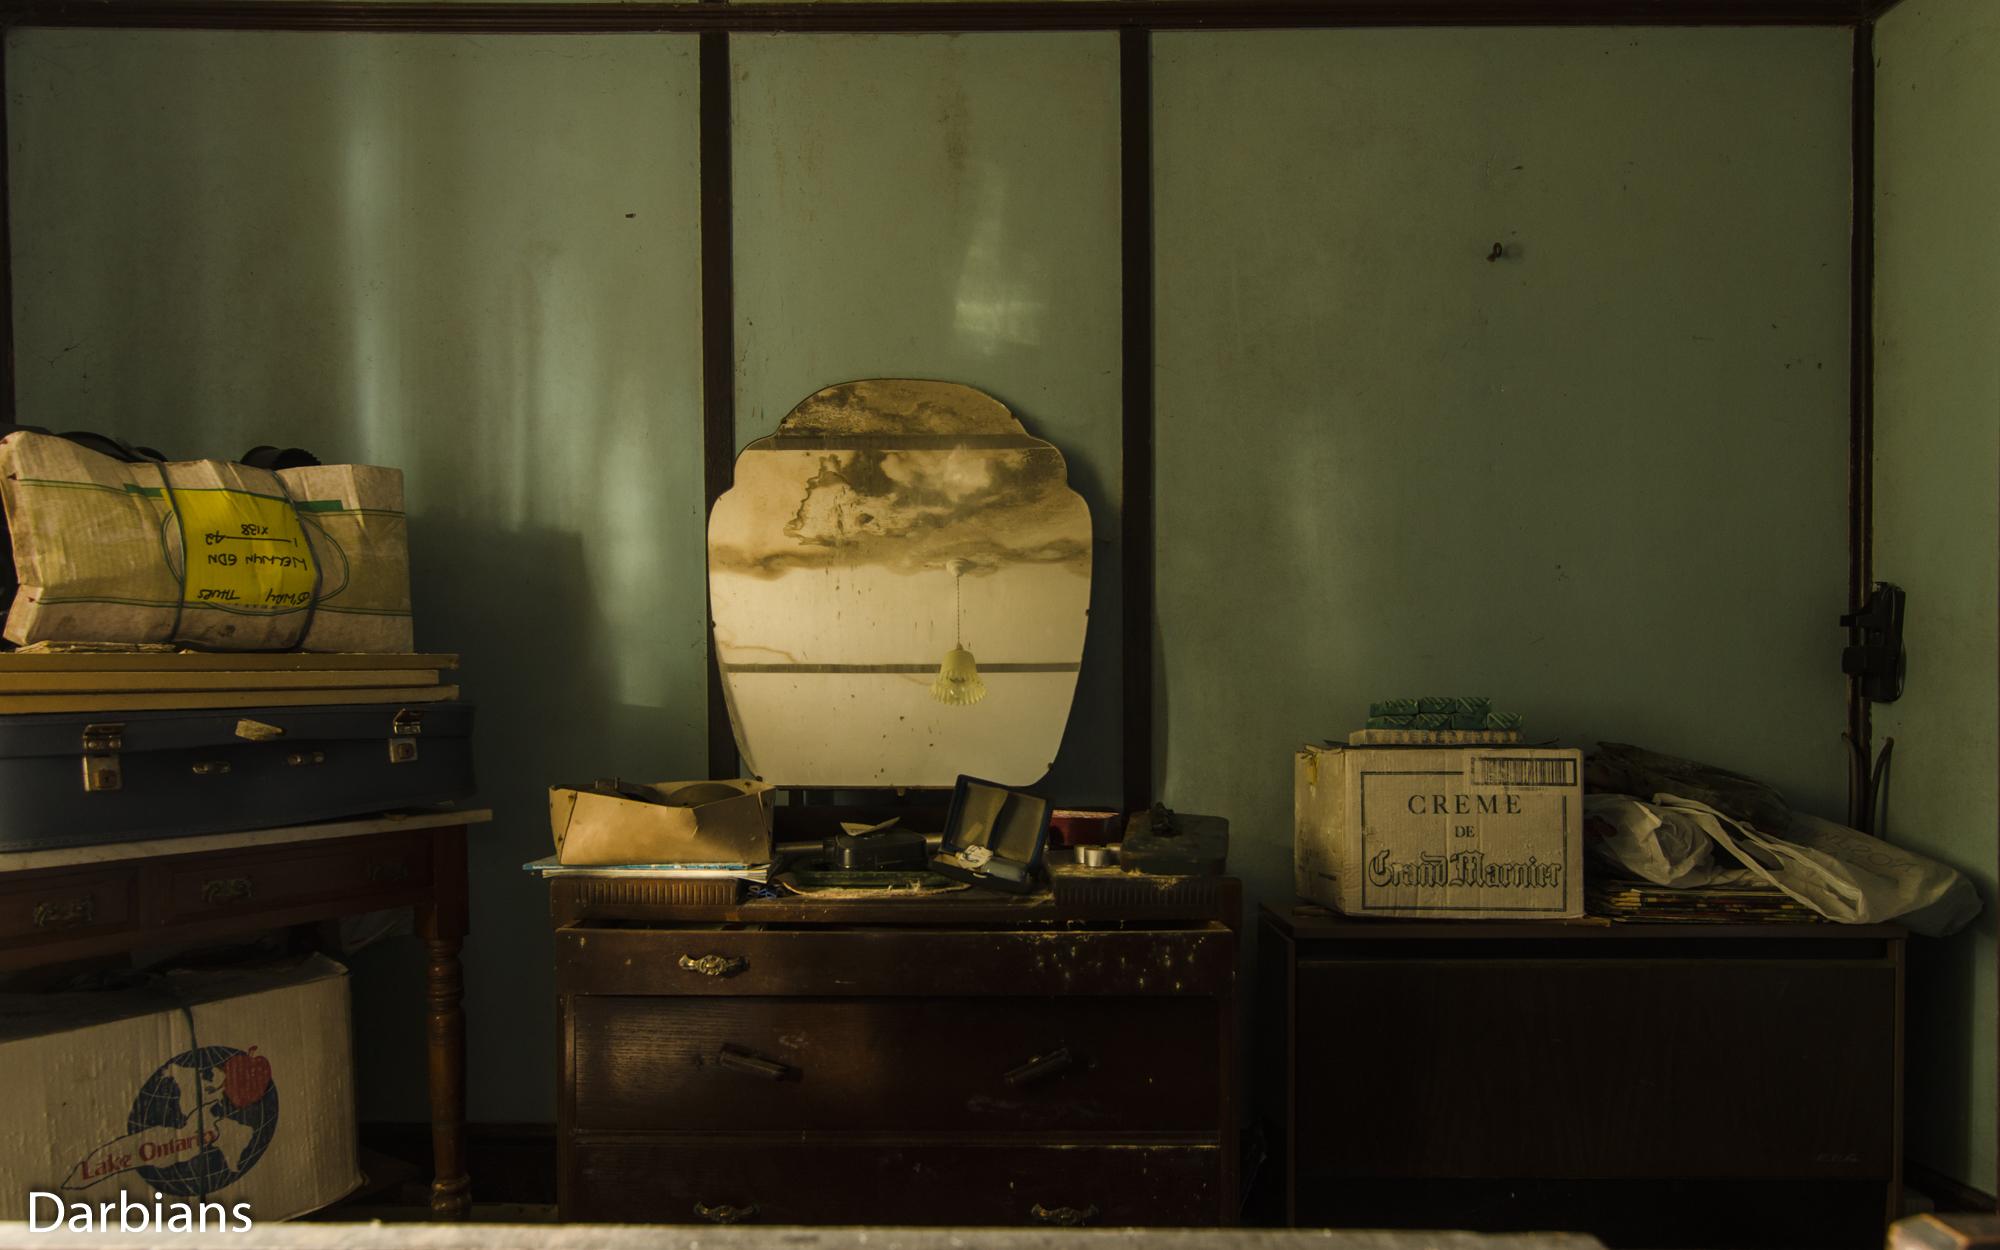 Essence House: Personal belongings in the bedroom.